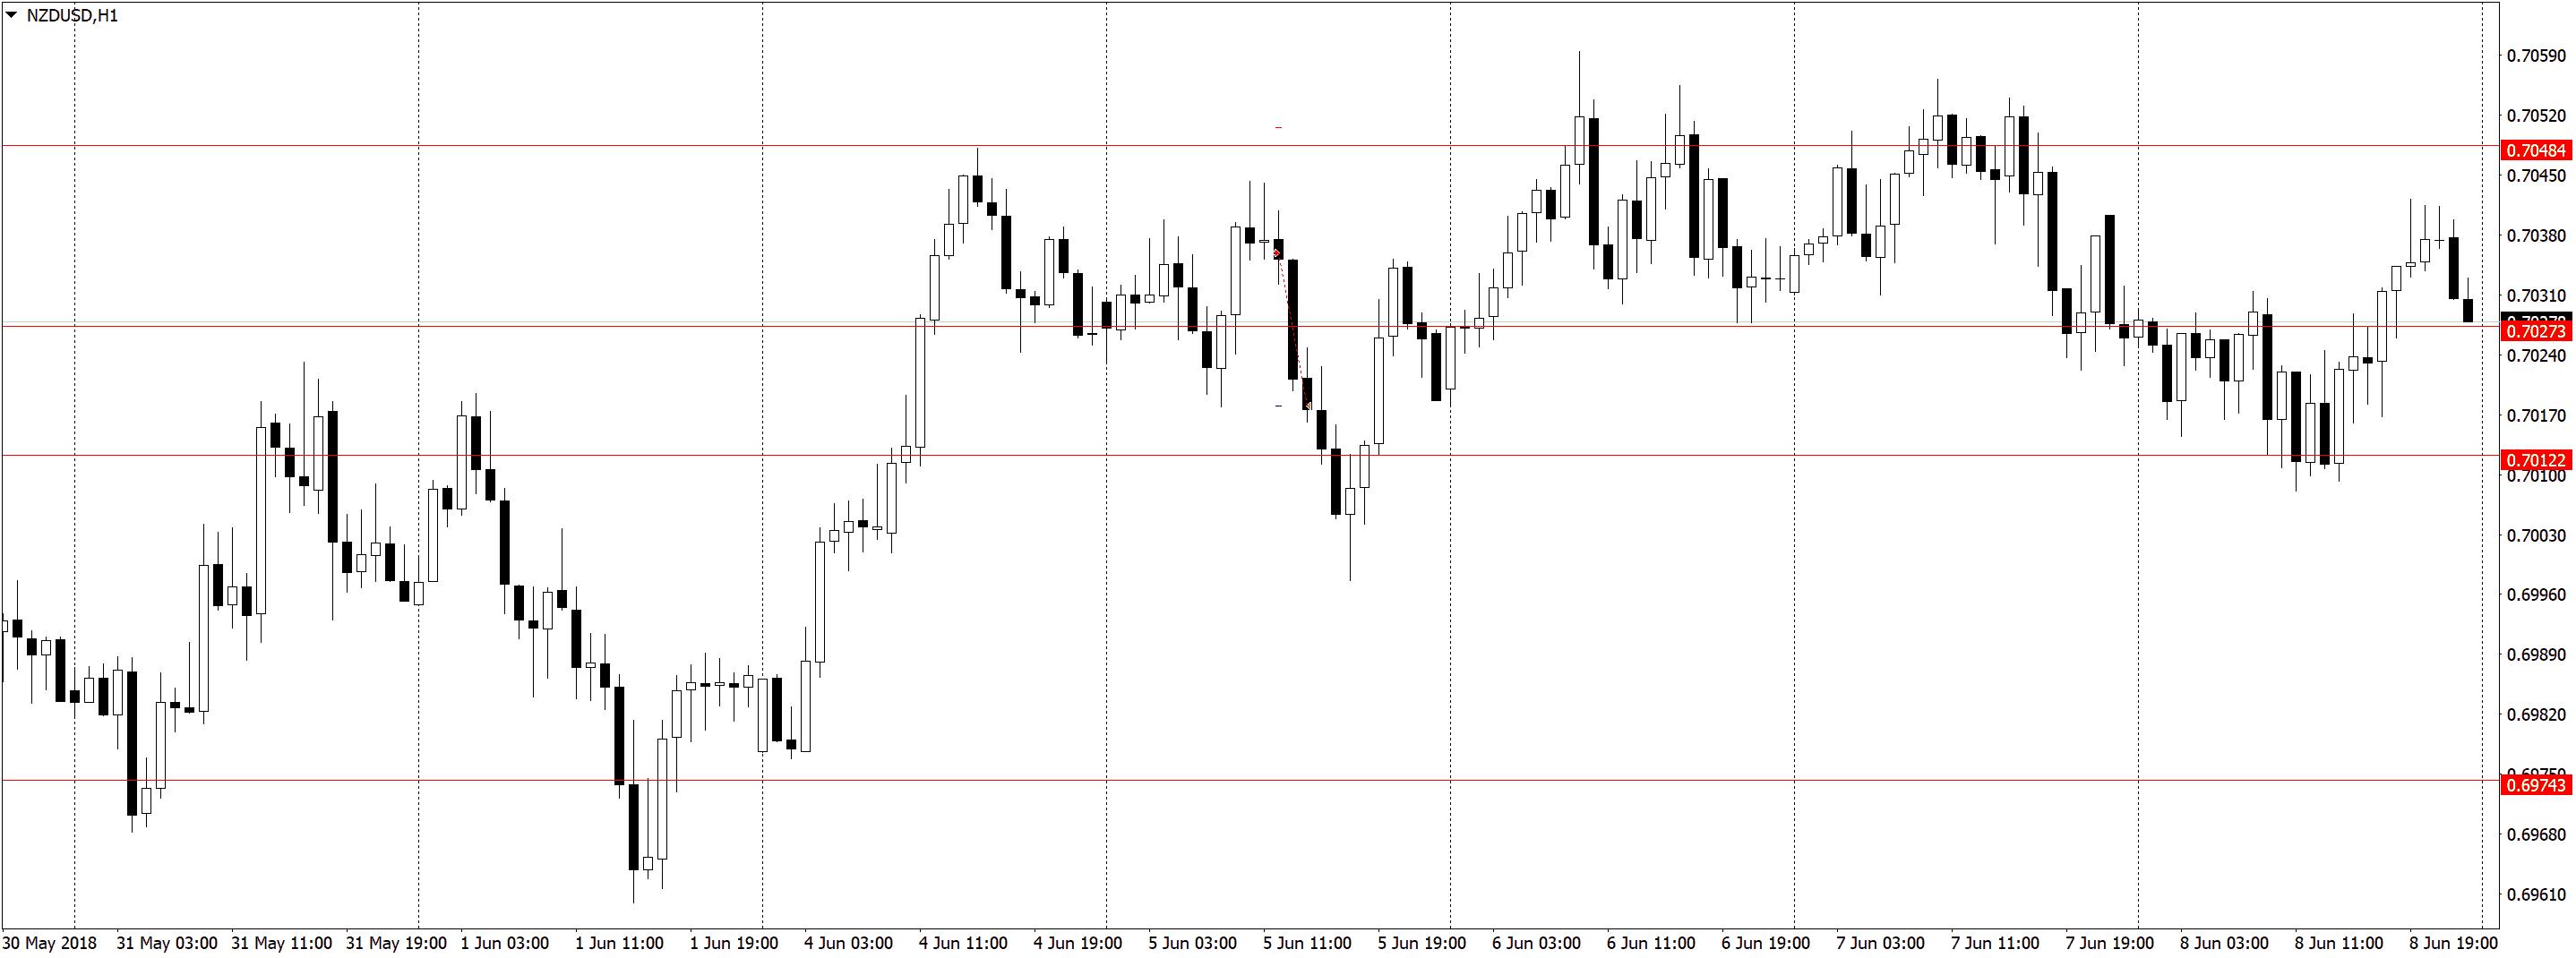 NZDUSDH1 1 Торговля по H1, трейдинг в удовольствие, три состояния рынка